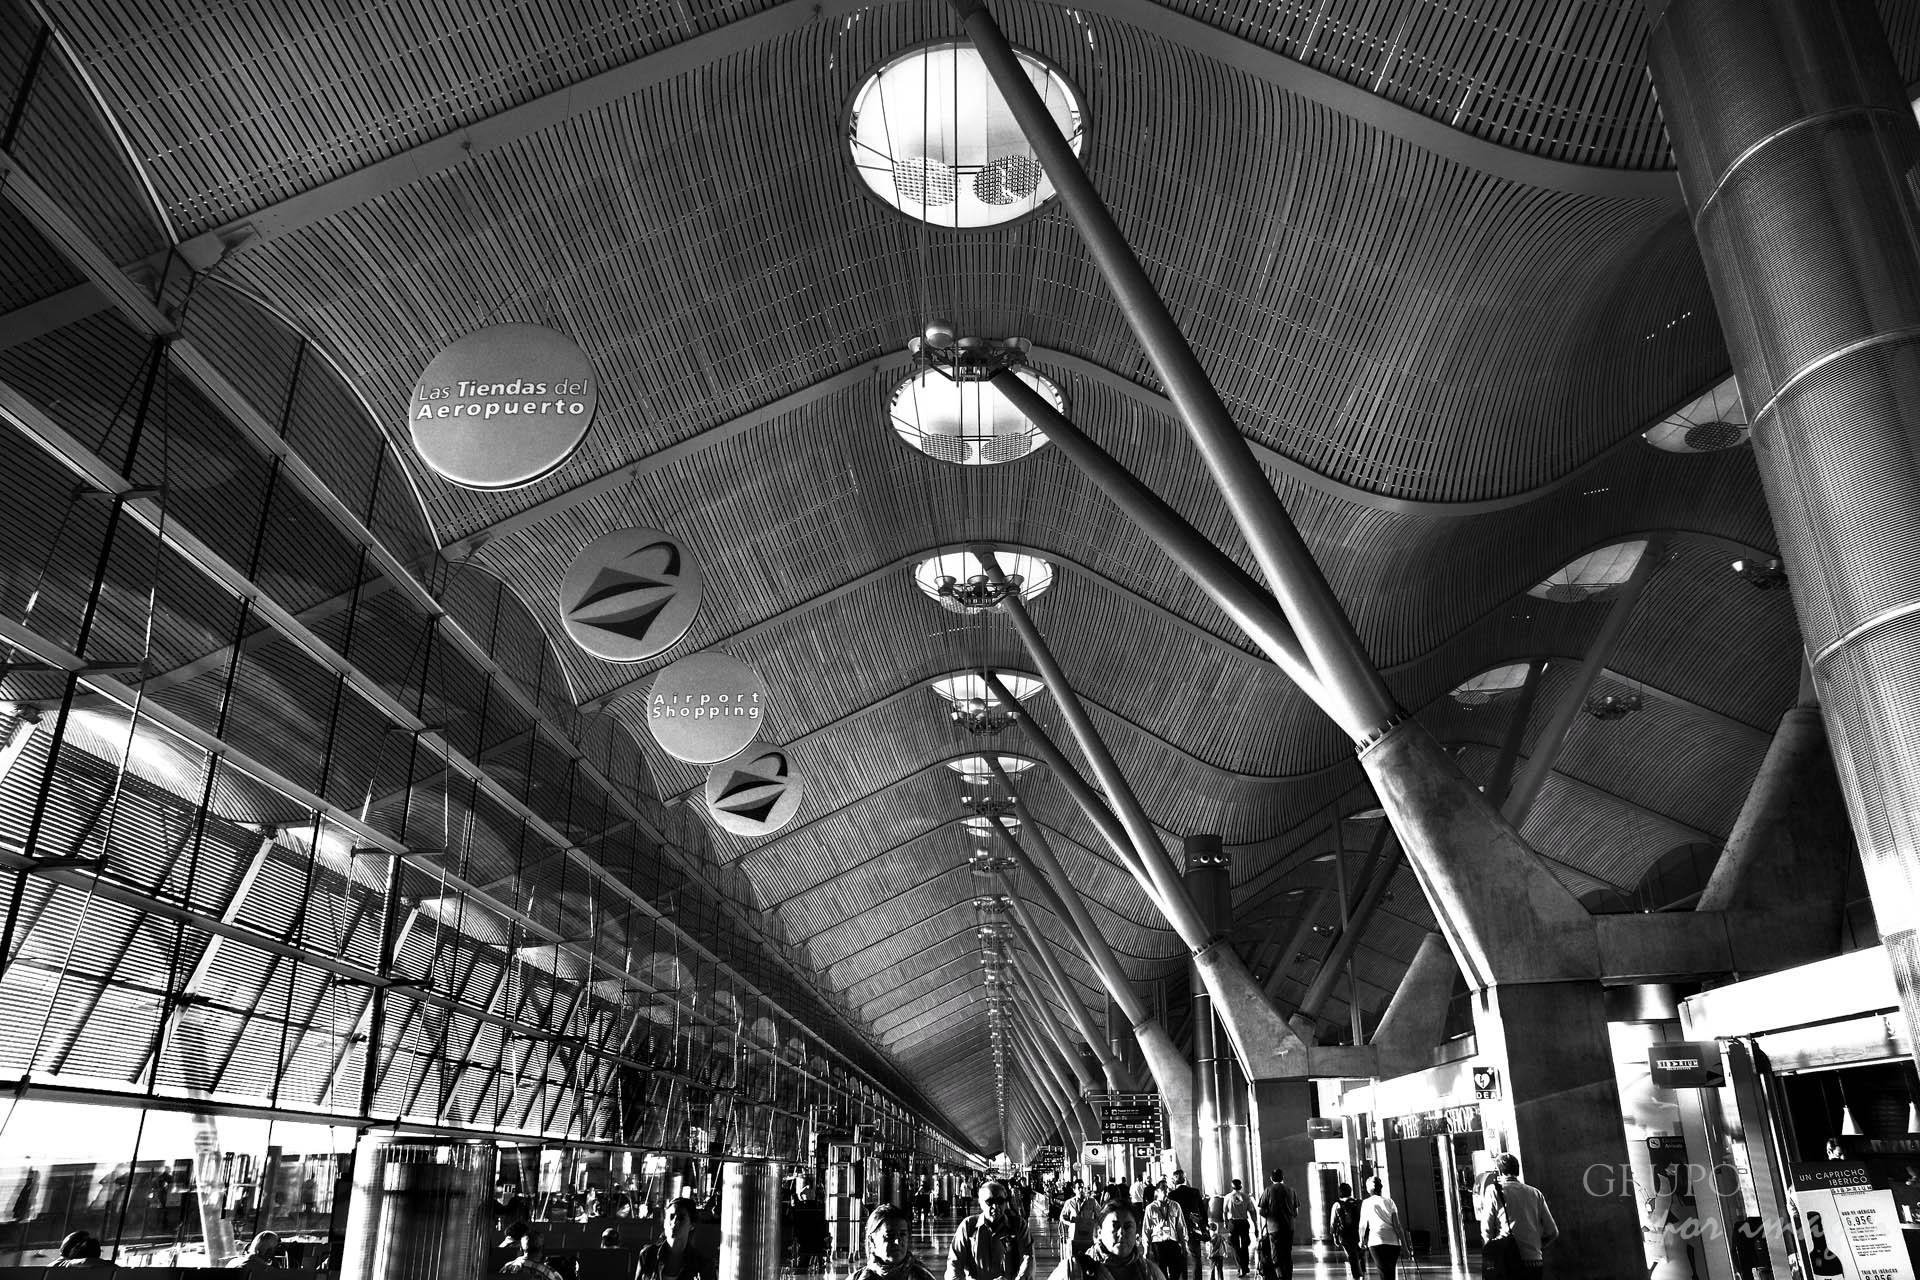 Aeropuerto de Barajas (Madrid) / Efraín David